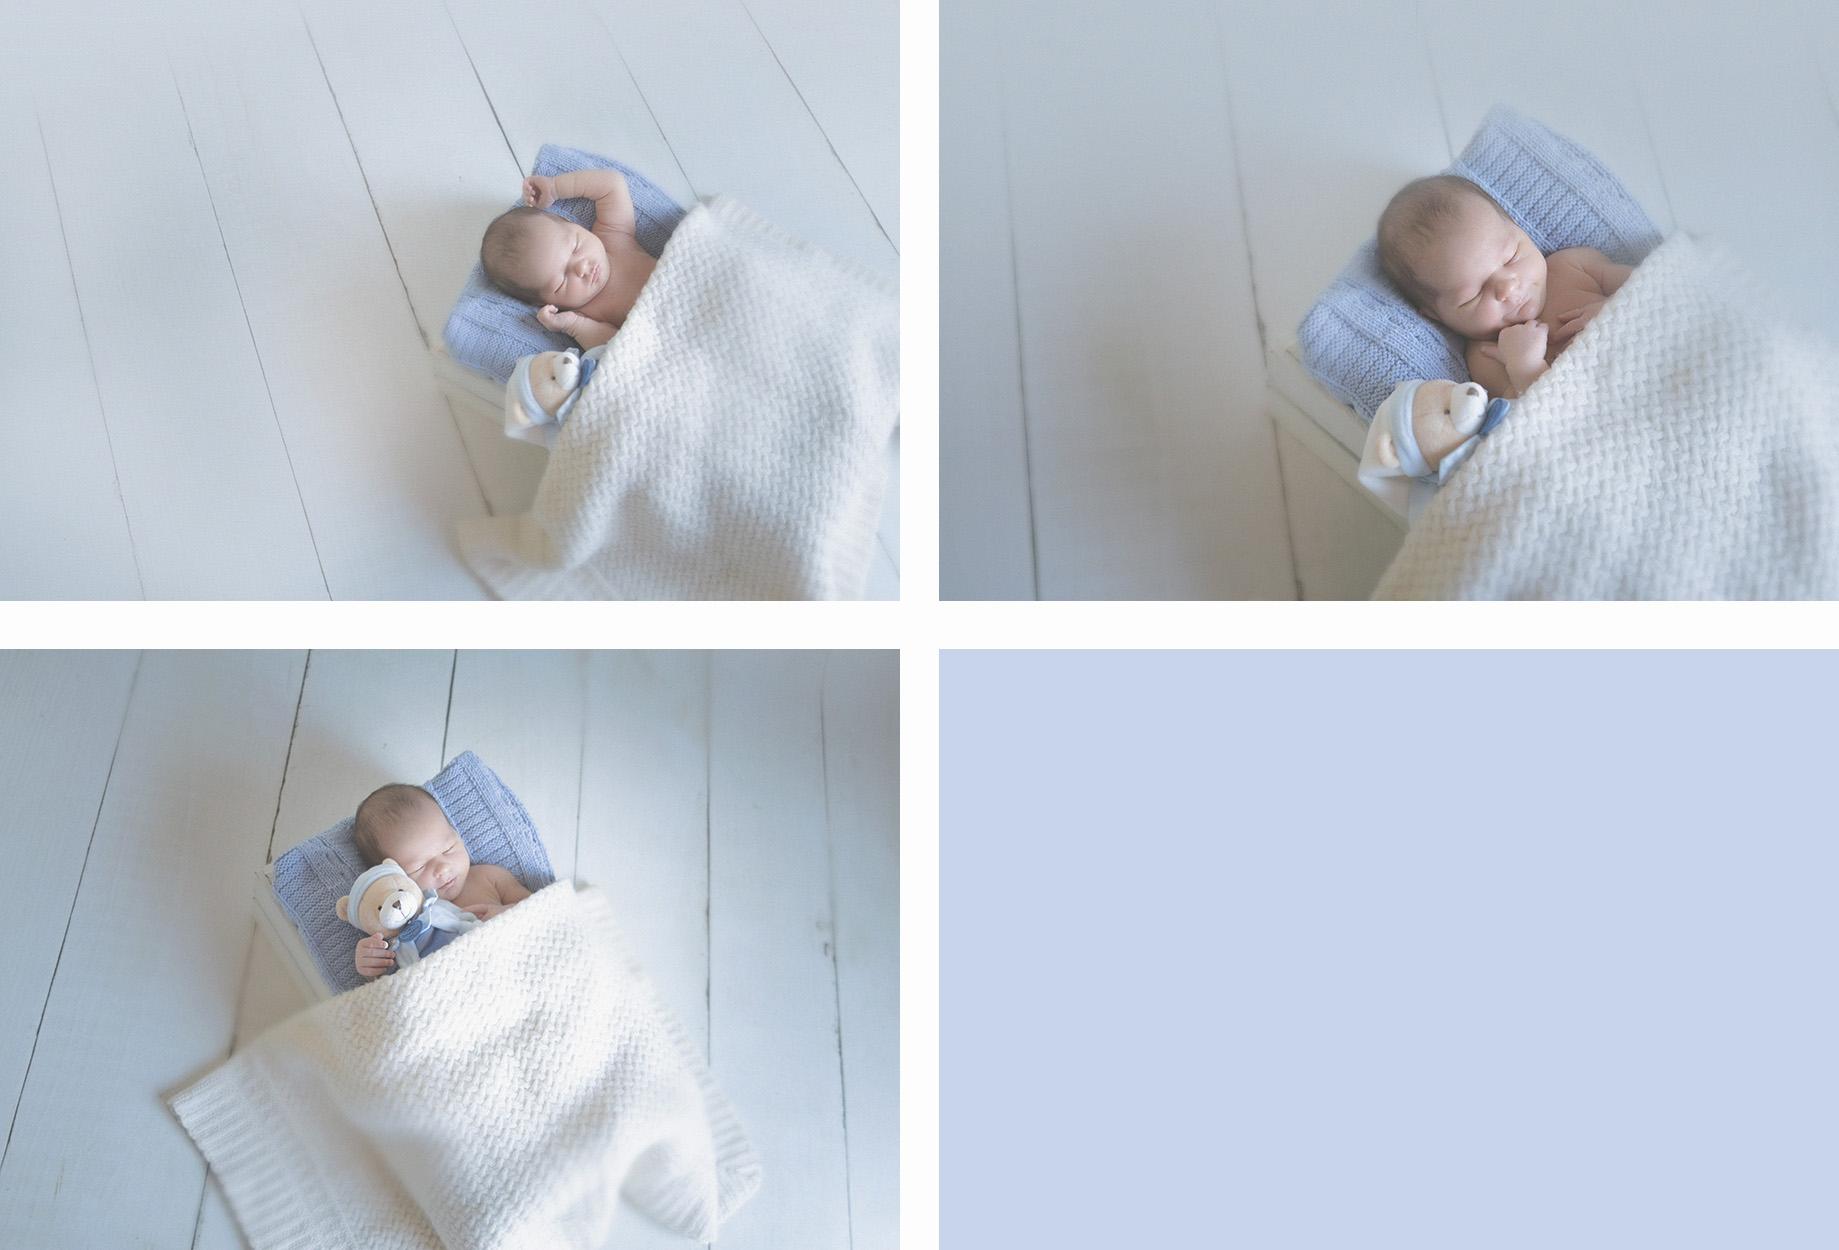 seance photo de naissance en studio photographe de nouveau né sur tourcoing bébé - one moment photographie